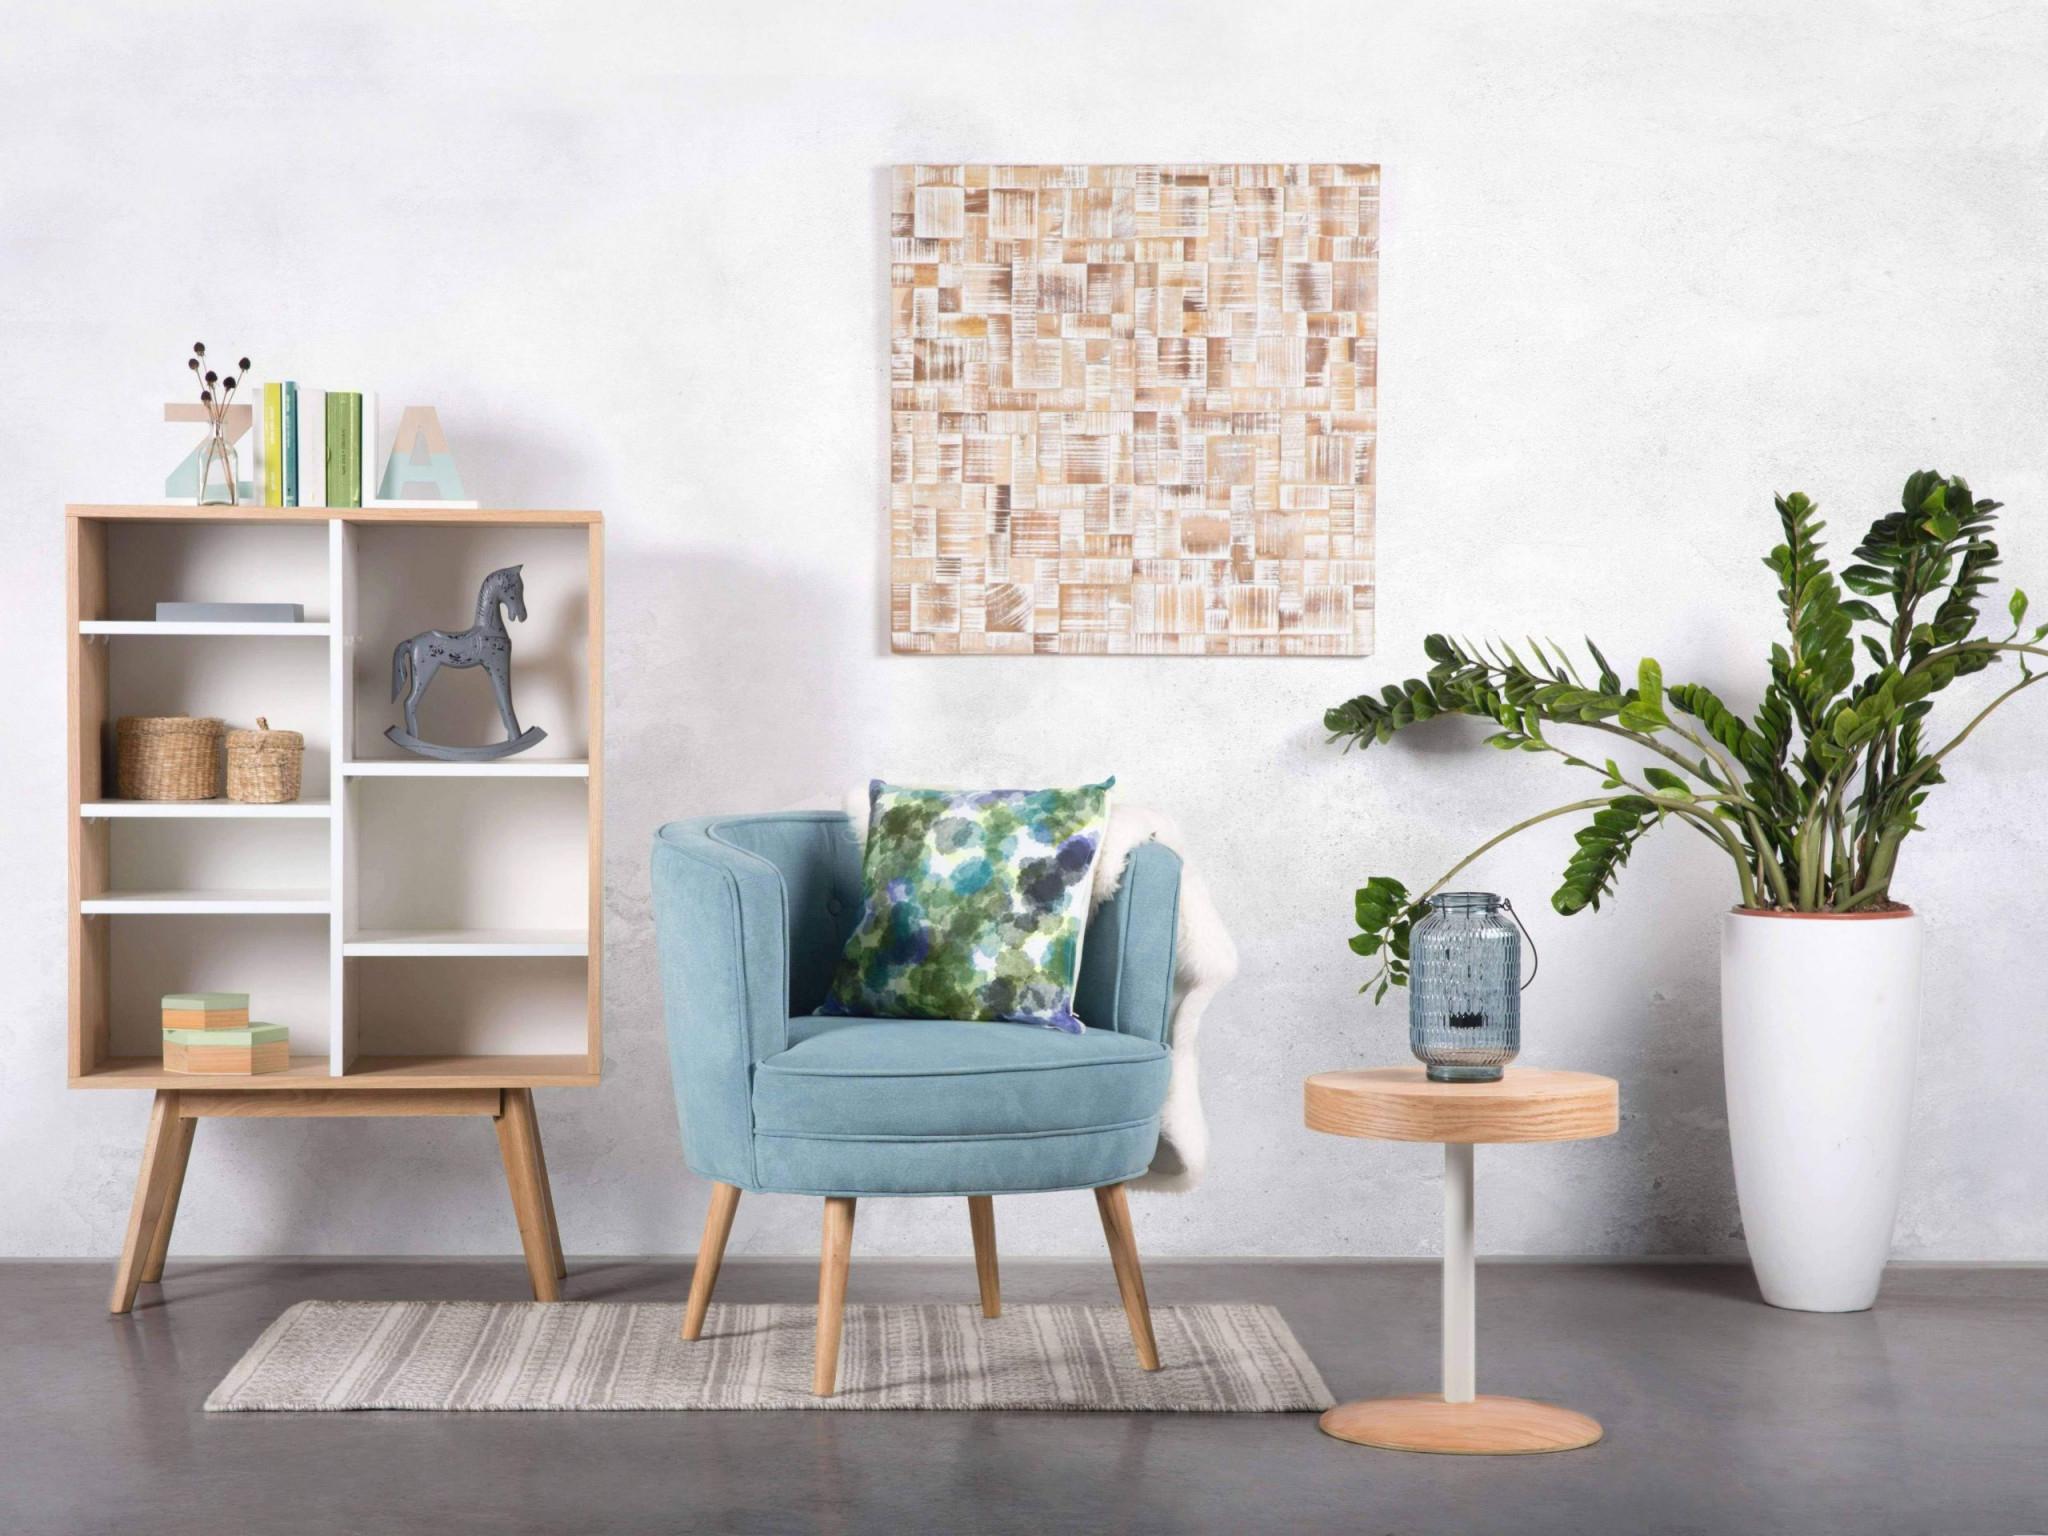 39 Einzigartig Ecke Im Wohnzimmer Dekorieren Luxus von Deko Ecke Wohnzimmer Bild